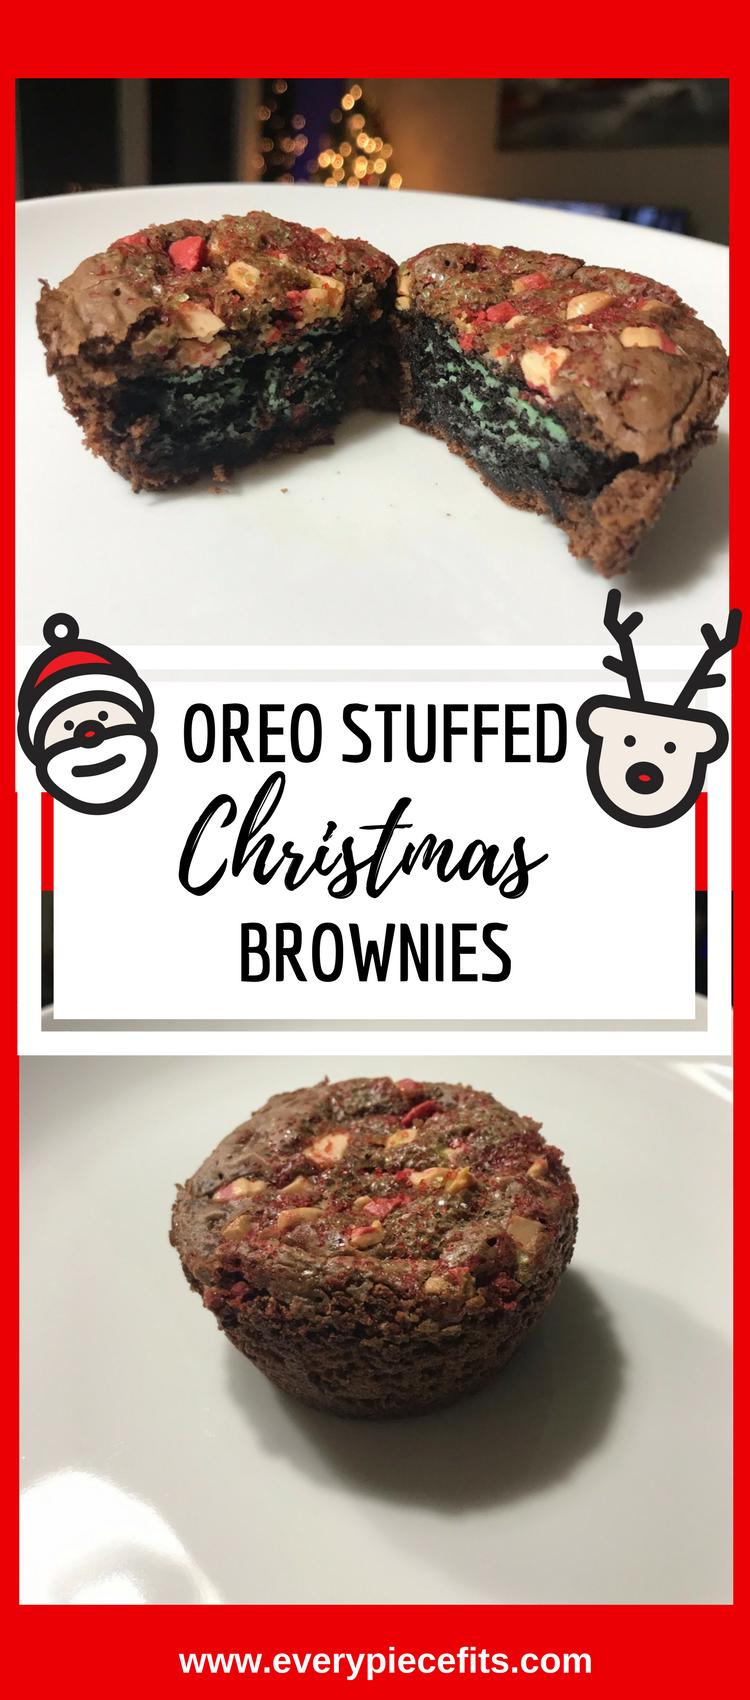 Oreo Stuffed Christmas Brownies.png